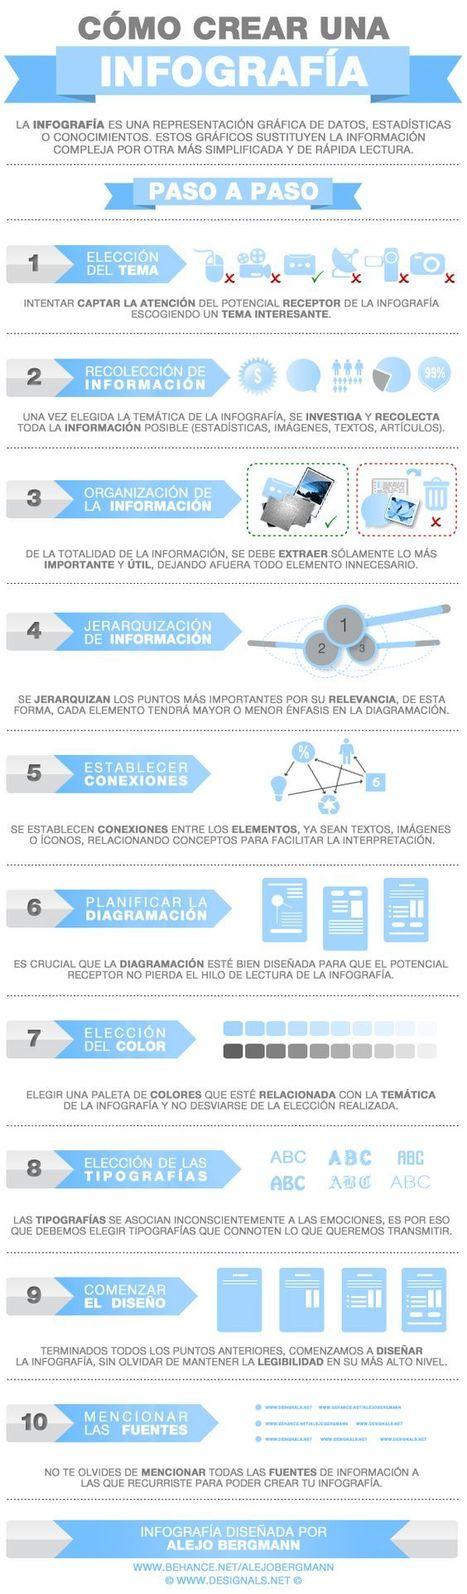 Infografía: Cómo crear una infografía | MediosSociales | Scoop.it